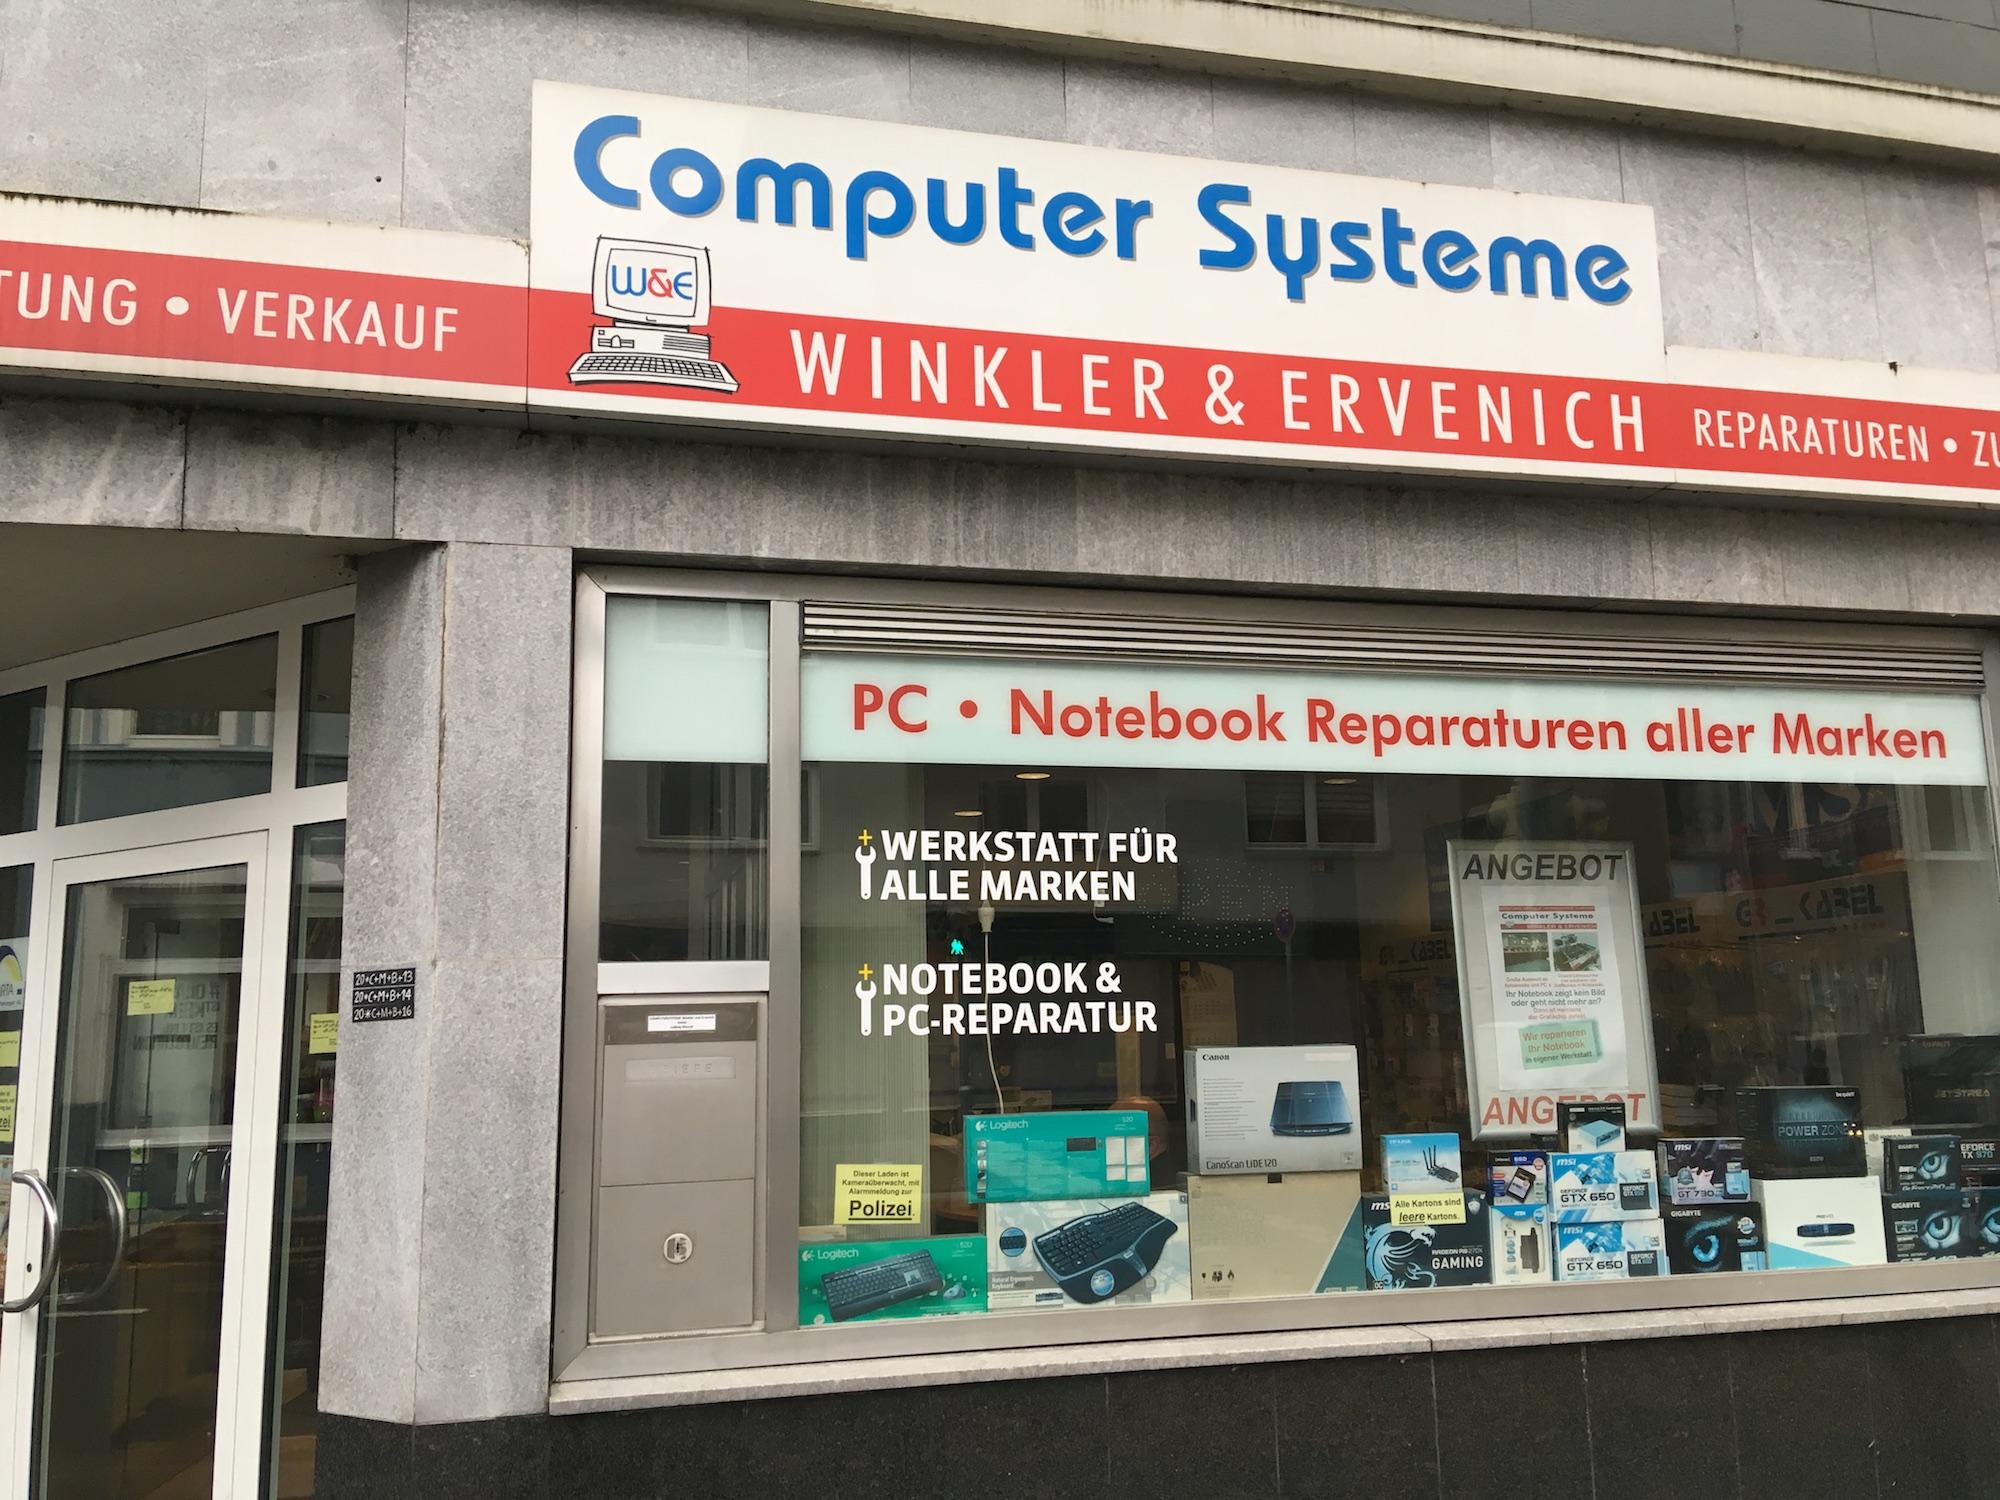 Computersysteme-Ervenich-Winkler